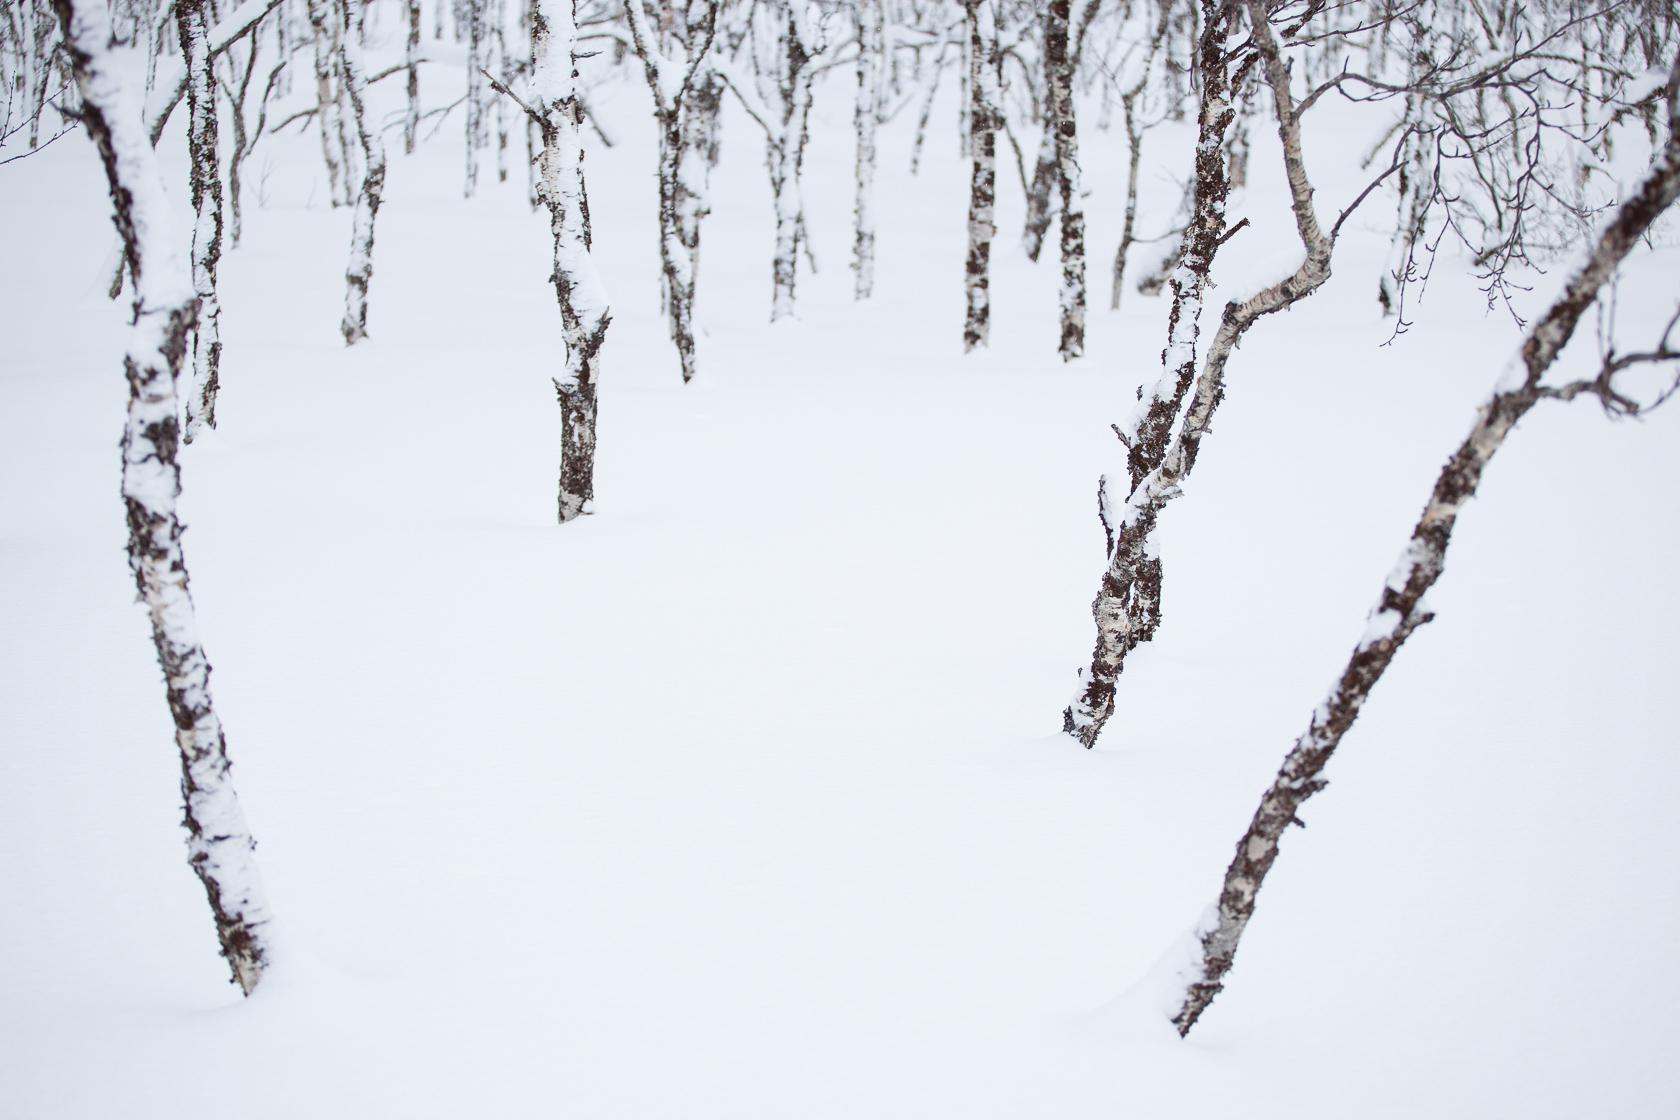 forêt de bouleaux en hiver, dans les Alpes de Lyngen, en Norvège